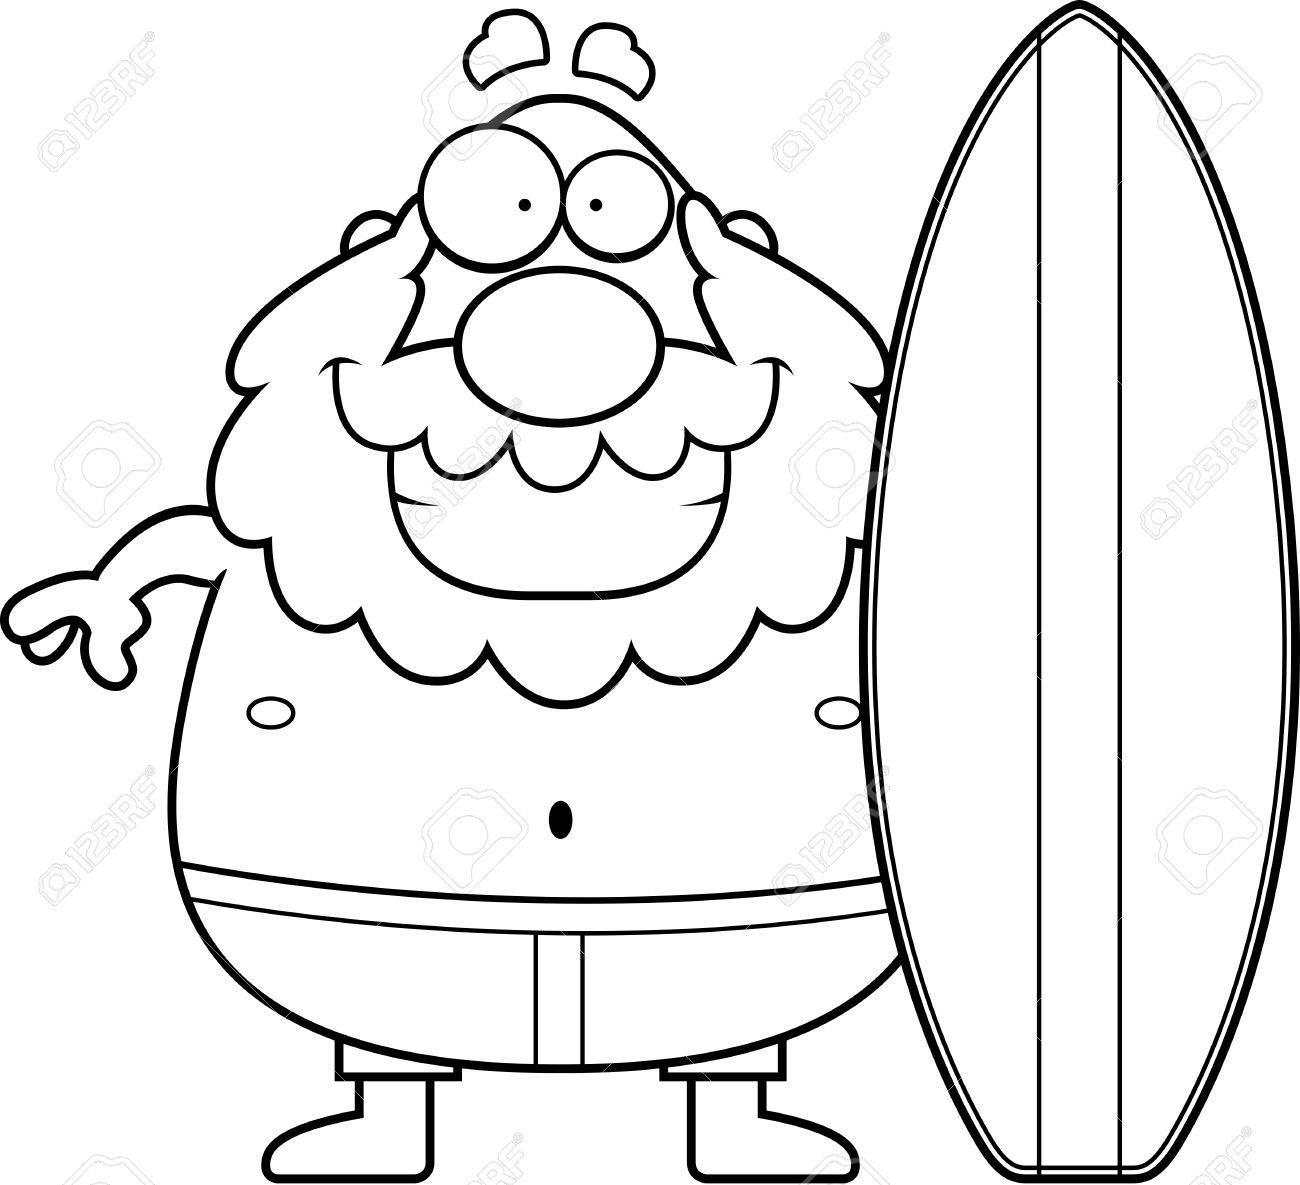 Surfboard Cartoon Drawing